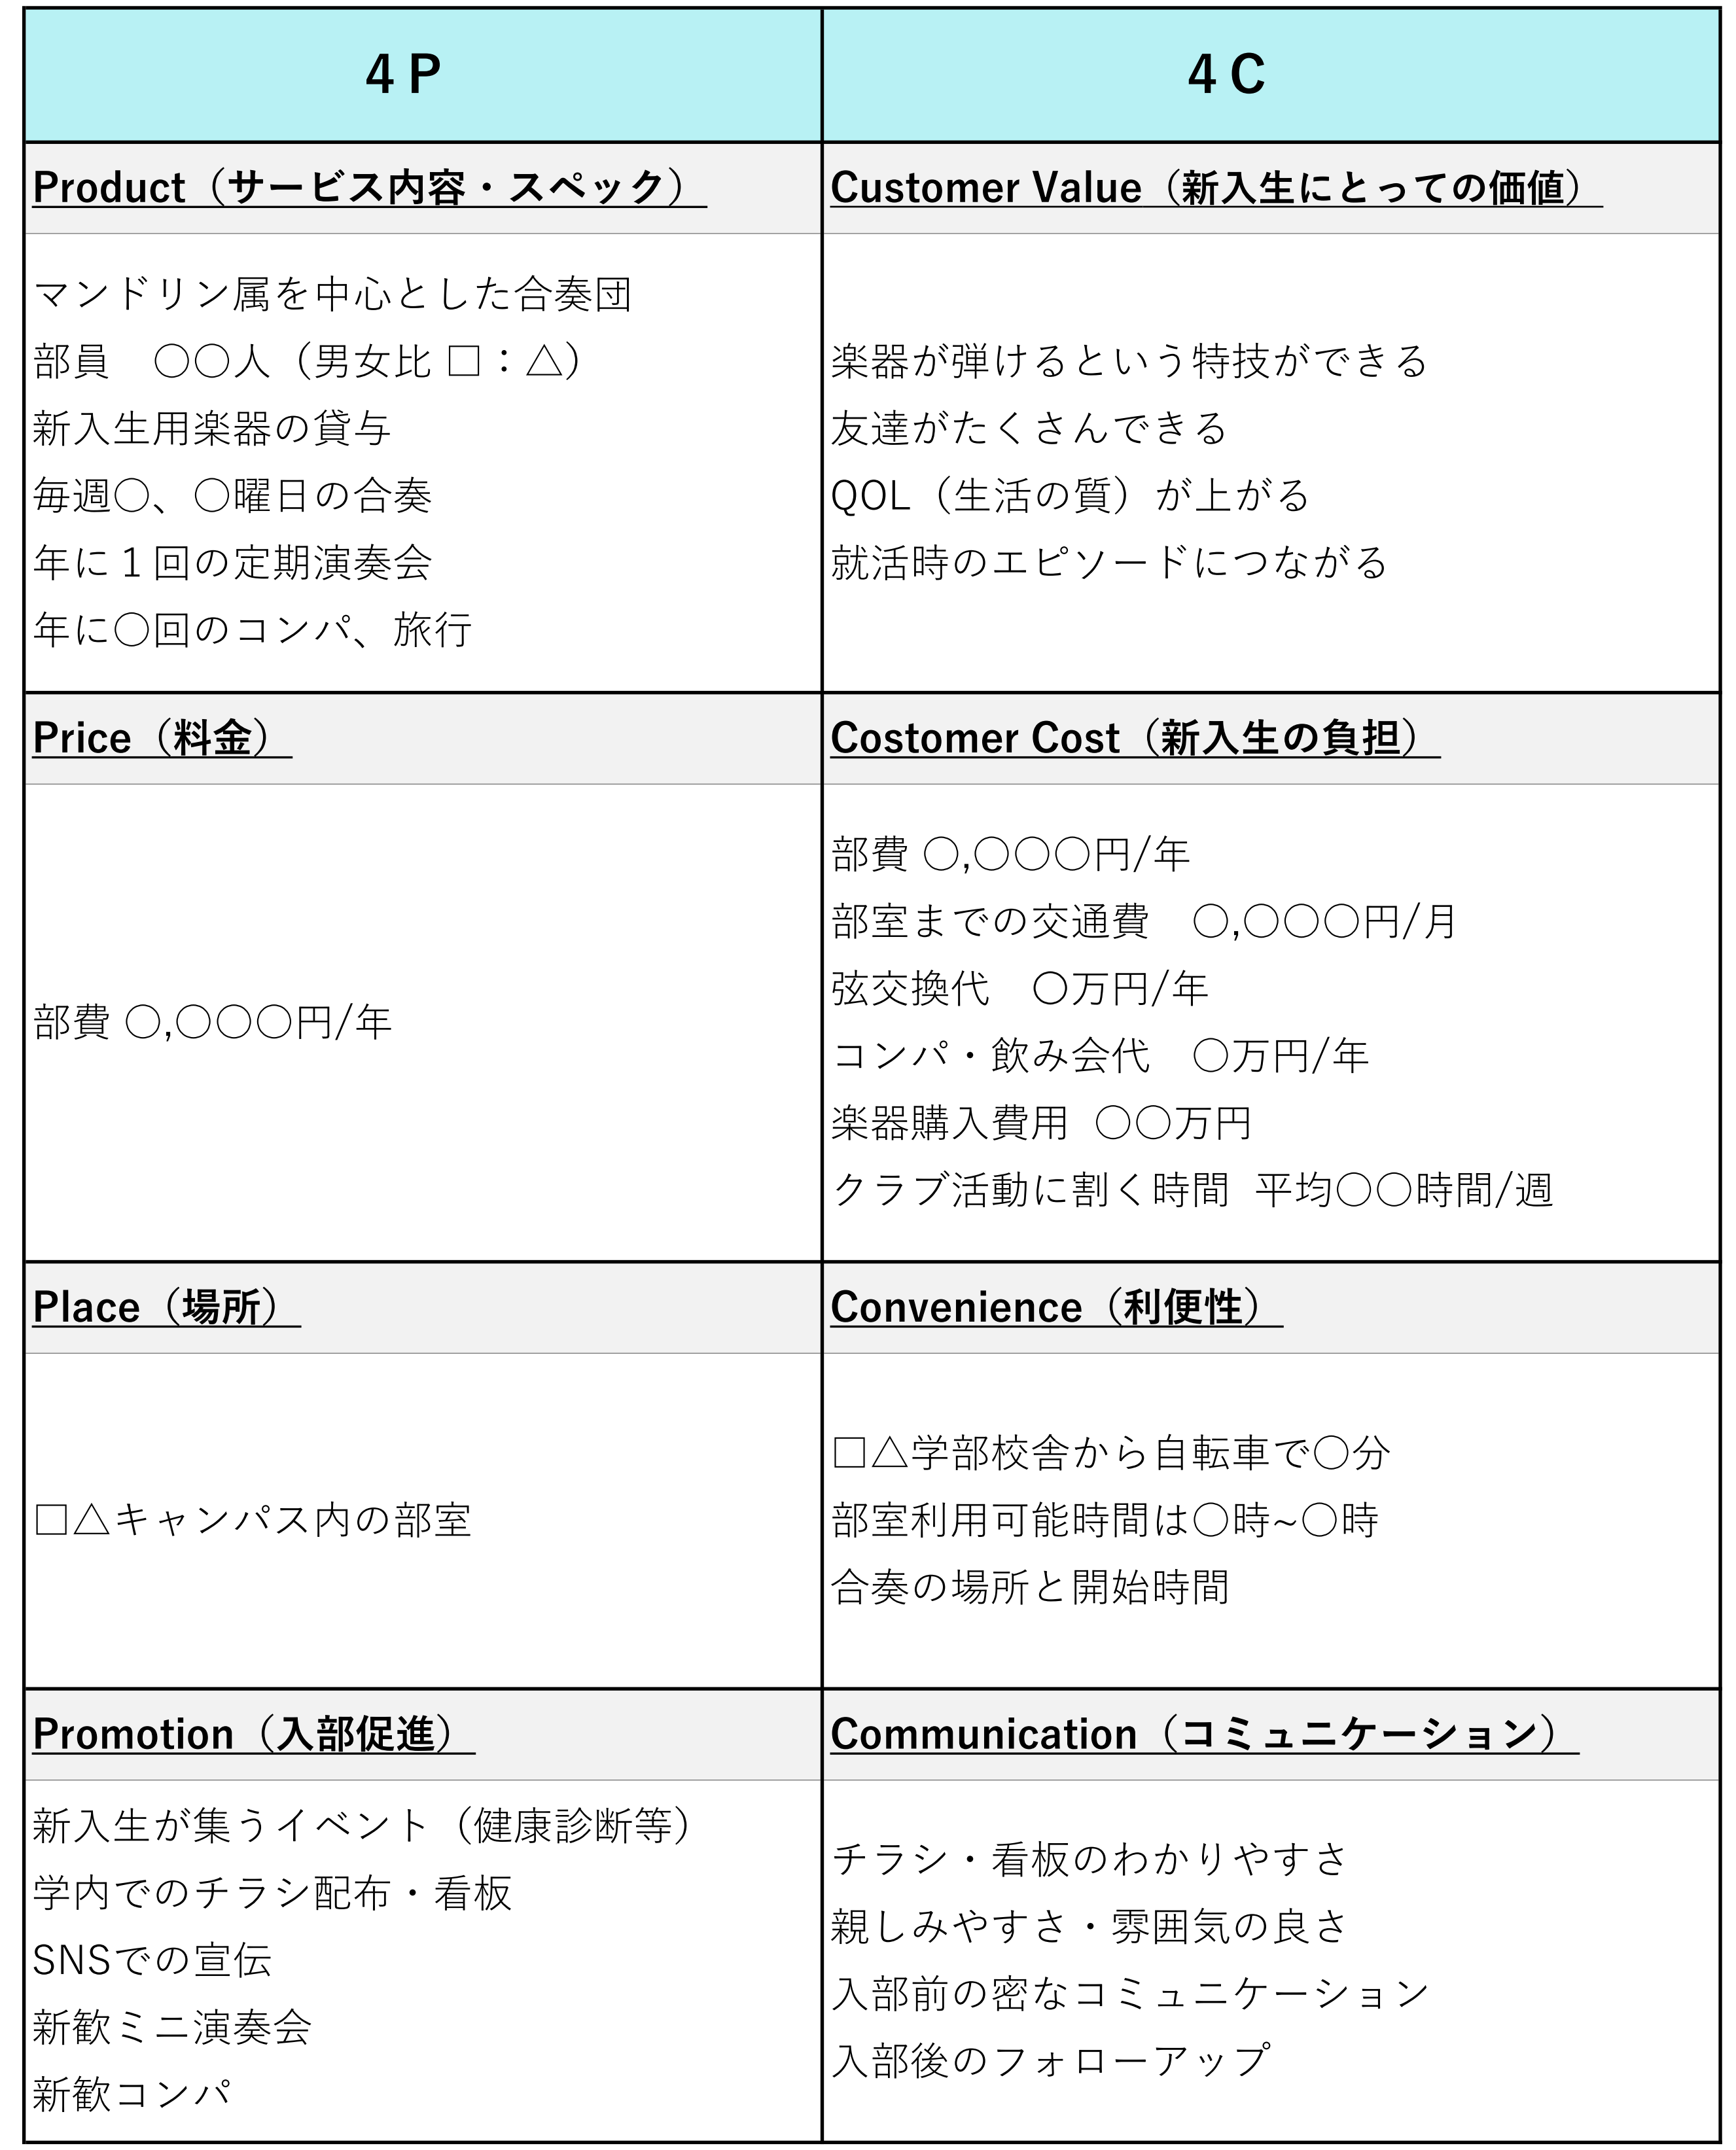 マンドリン団体のマーケティング(4P/4C)